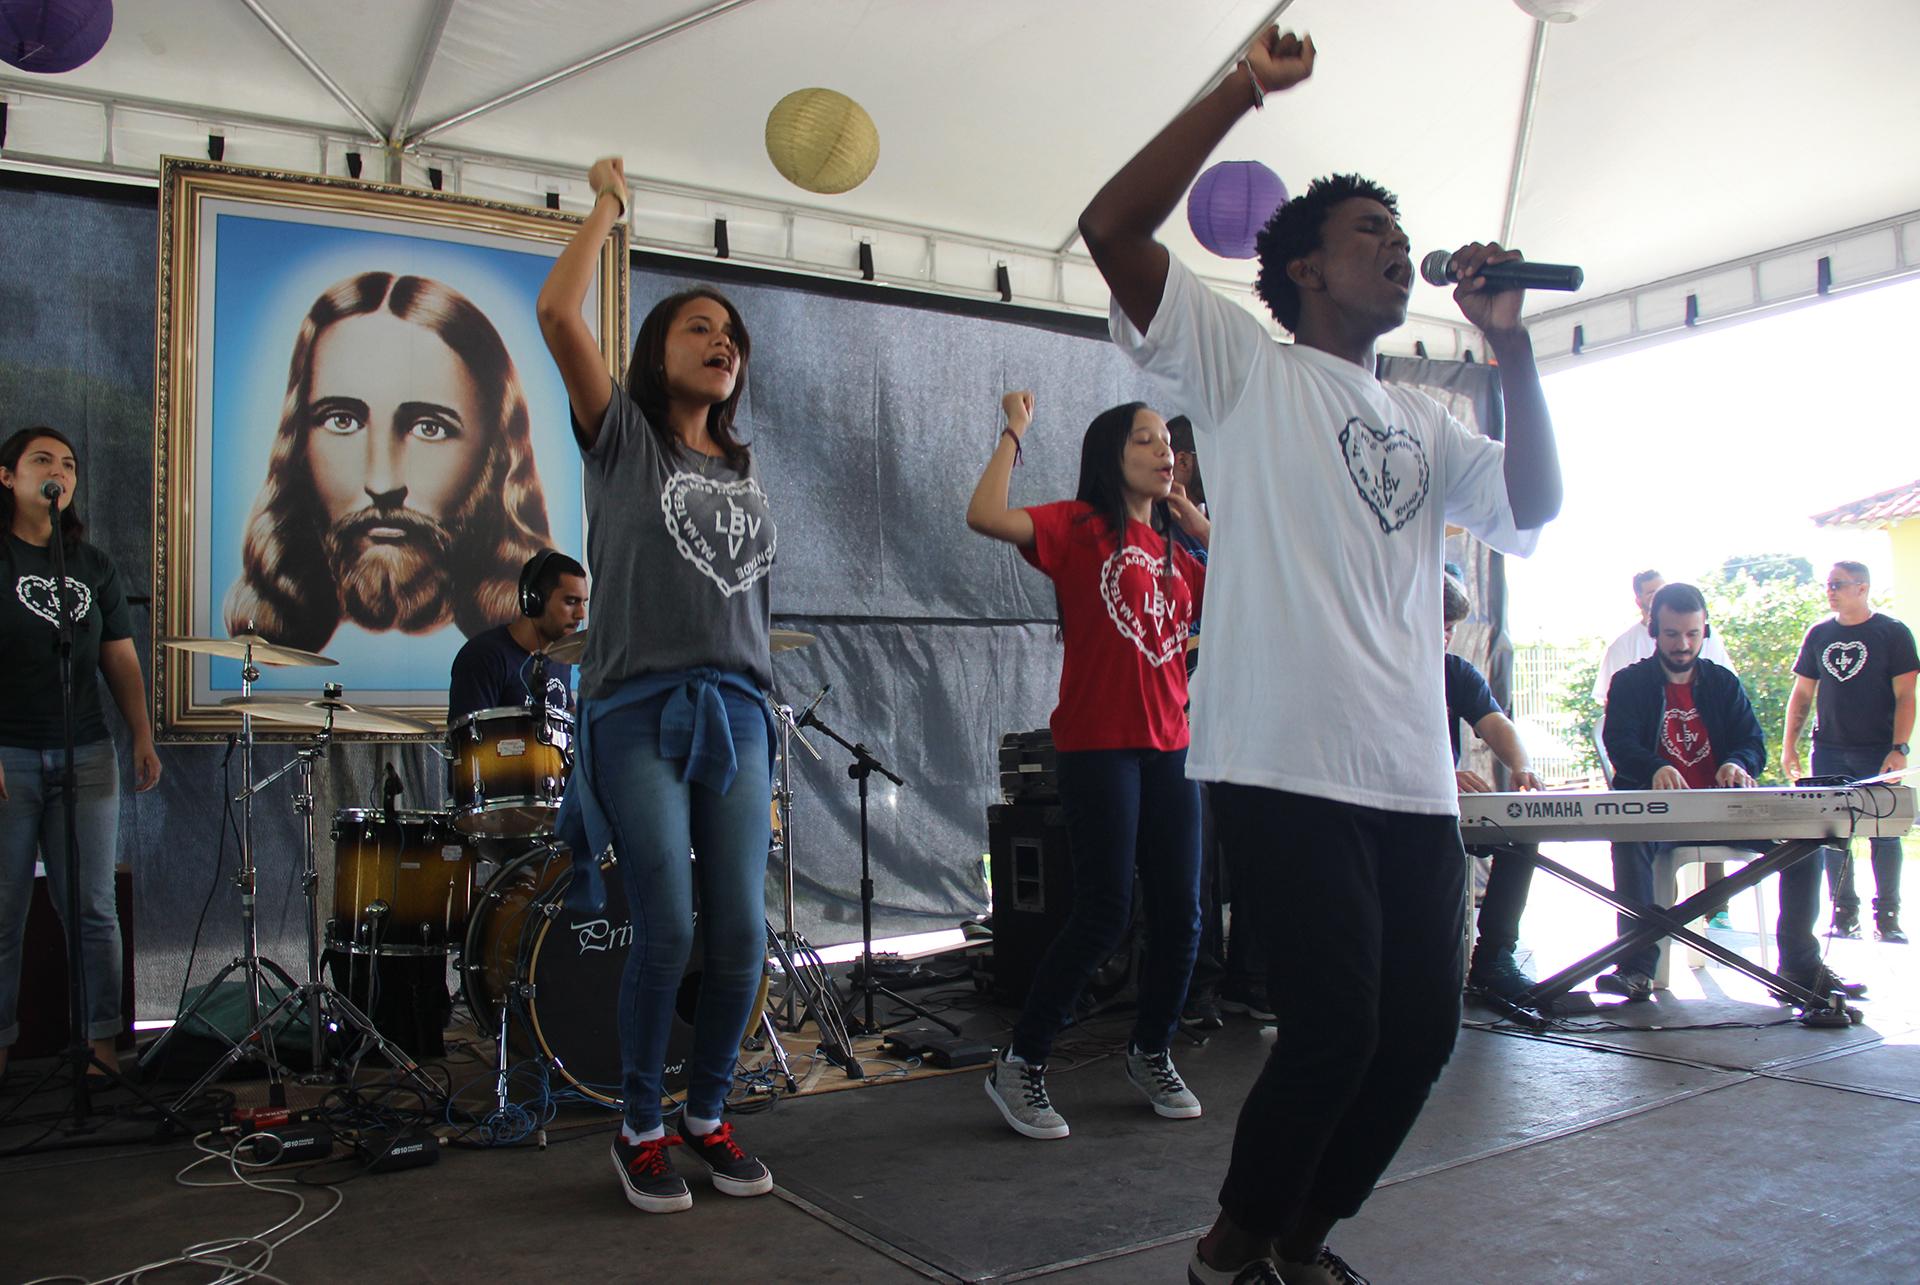 Araruama, RJ -Muita animação dos Jovens Legionários da Boa Vontade de Deus durante as apresentações do Festival Internacional de Música, da LBV - Etapa Rio de Janeiro.